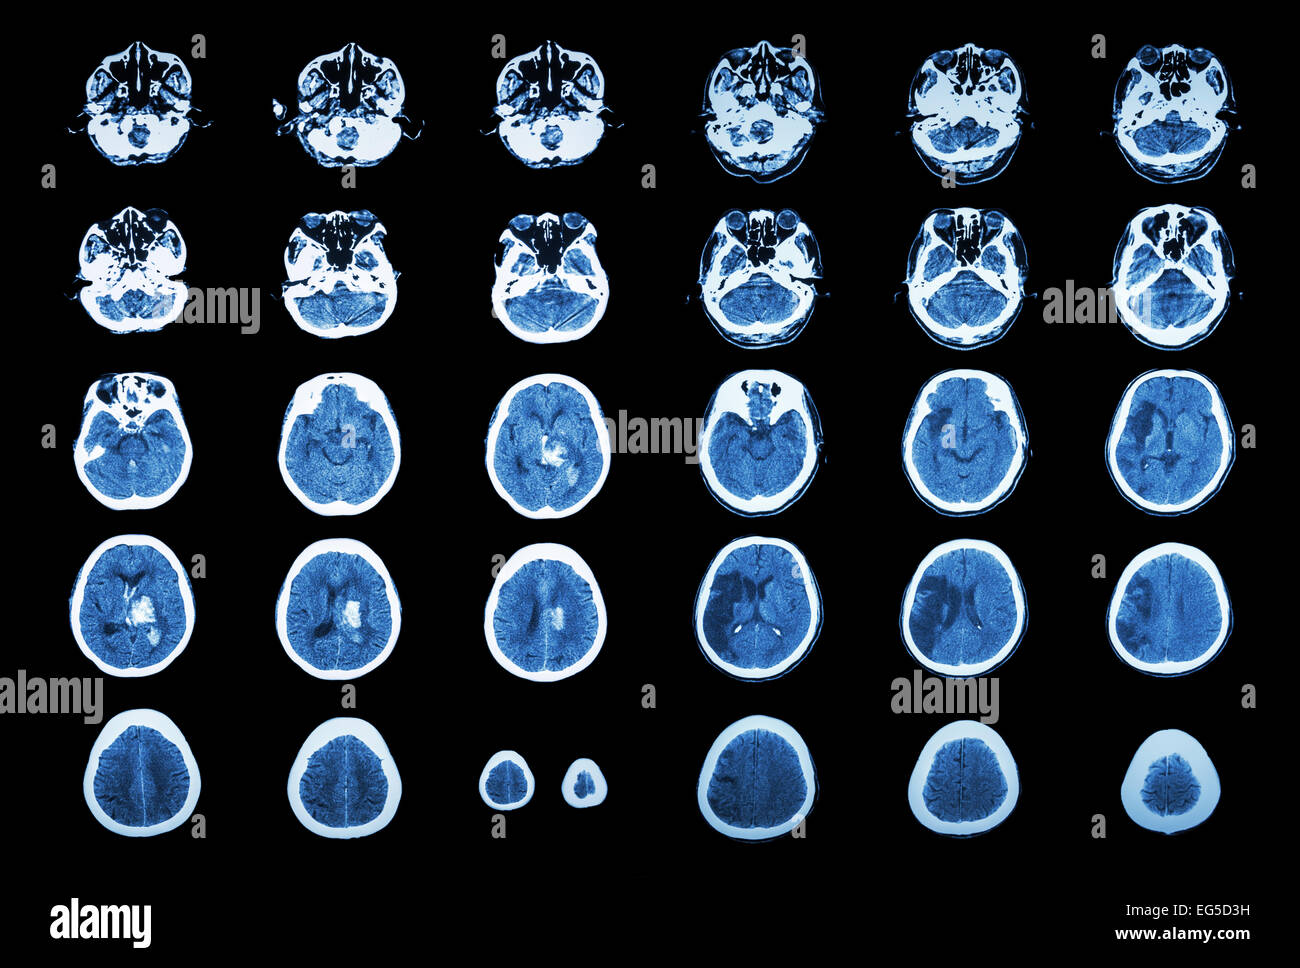 Hemorrhagic Stroke and Ischemic Stroke .  CT scan of brain : intracerebral hemorrhage ( 3 left column ), cerebral - Stock Image